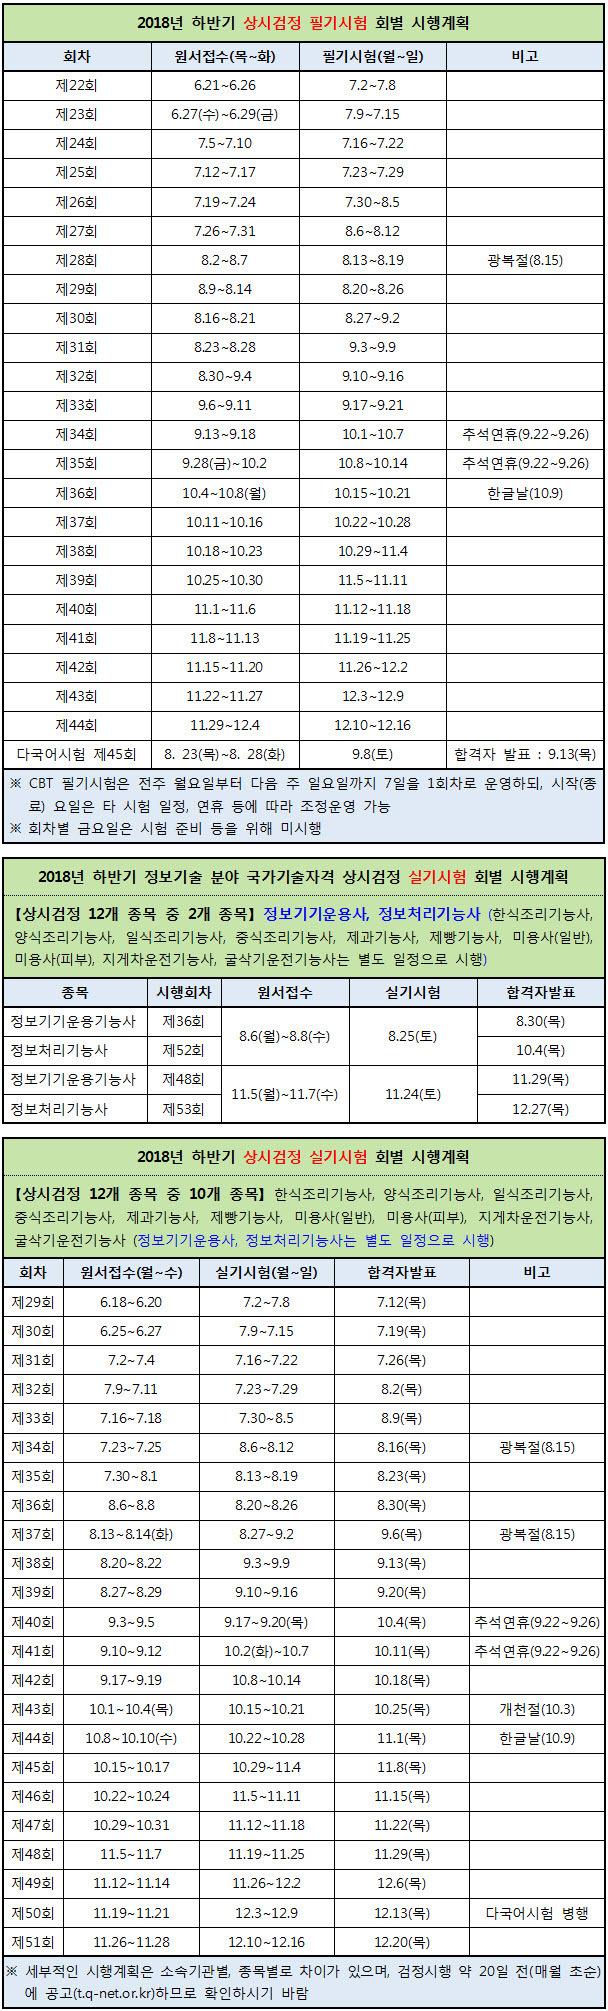 2018년도 하반기 한국산업인력공단 상시검정 시행계획 일정 (기능·기술 분야 기능사 등급 12개 종목)